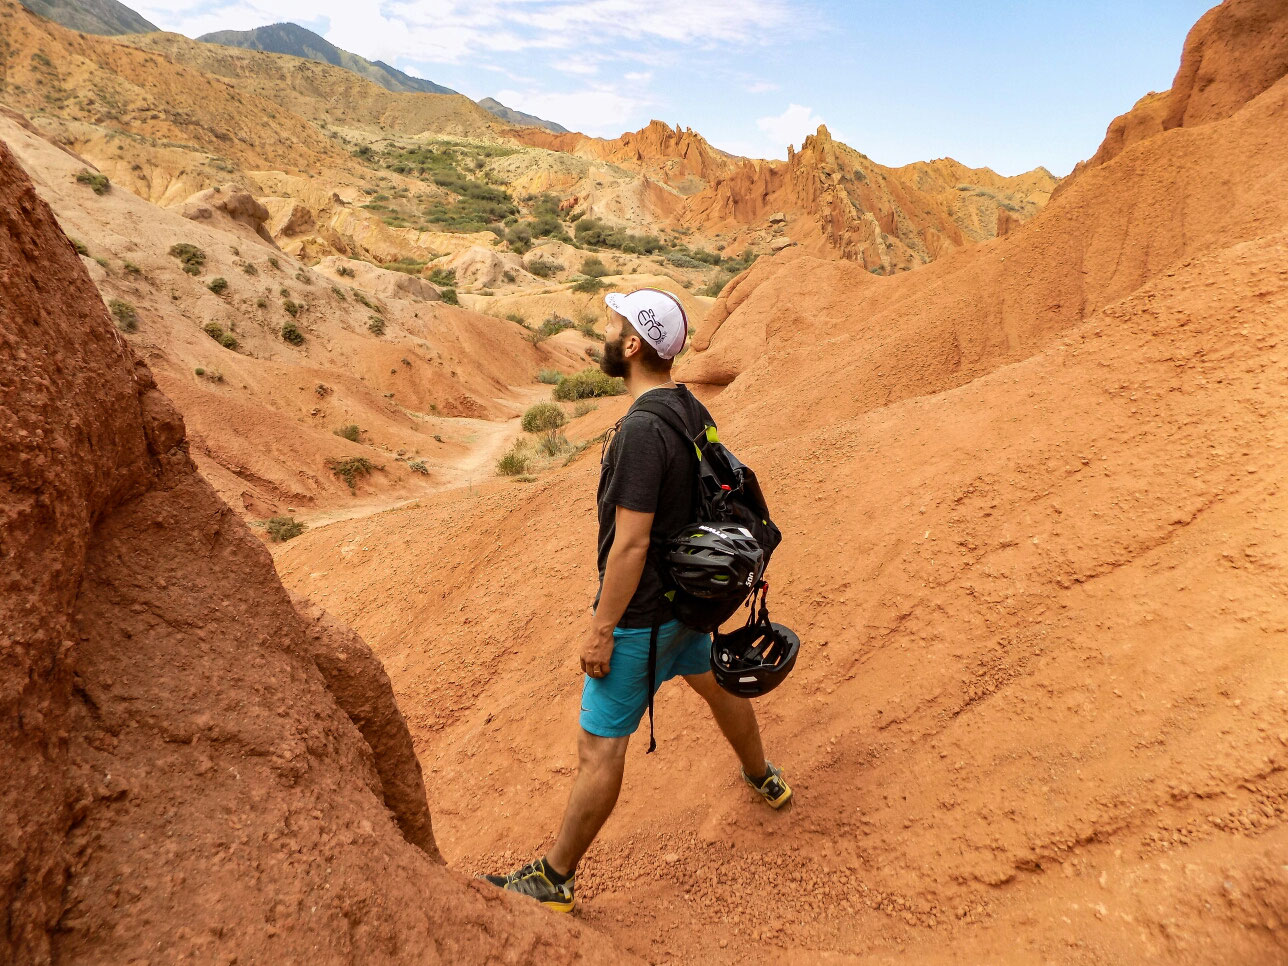 Nous faisons un détour vers un superbe canyon ocre, digne d'un paysage des États-Unis ! Skazka canyon